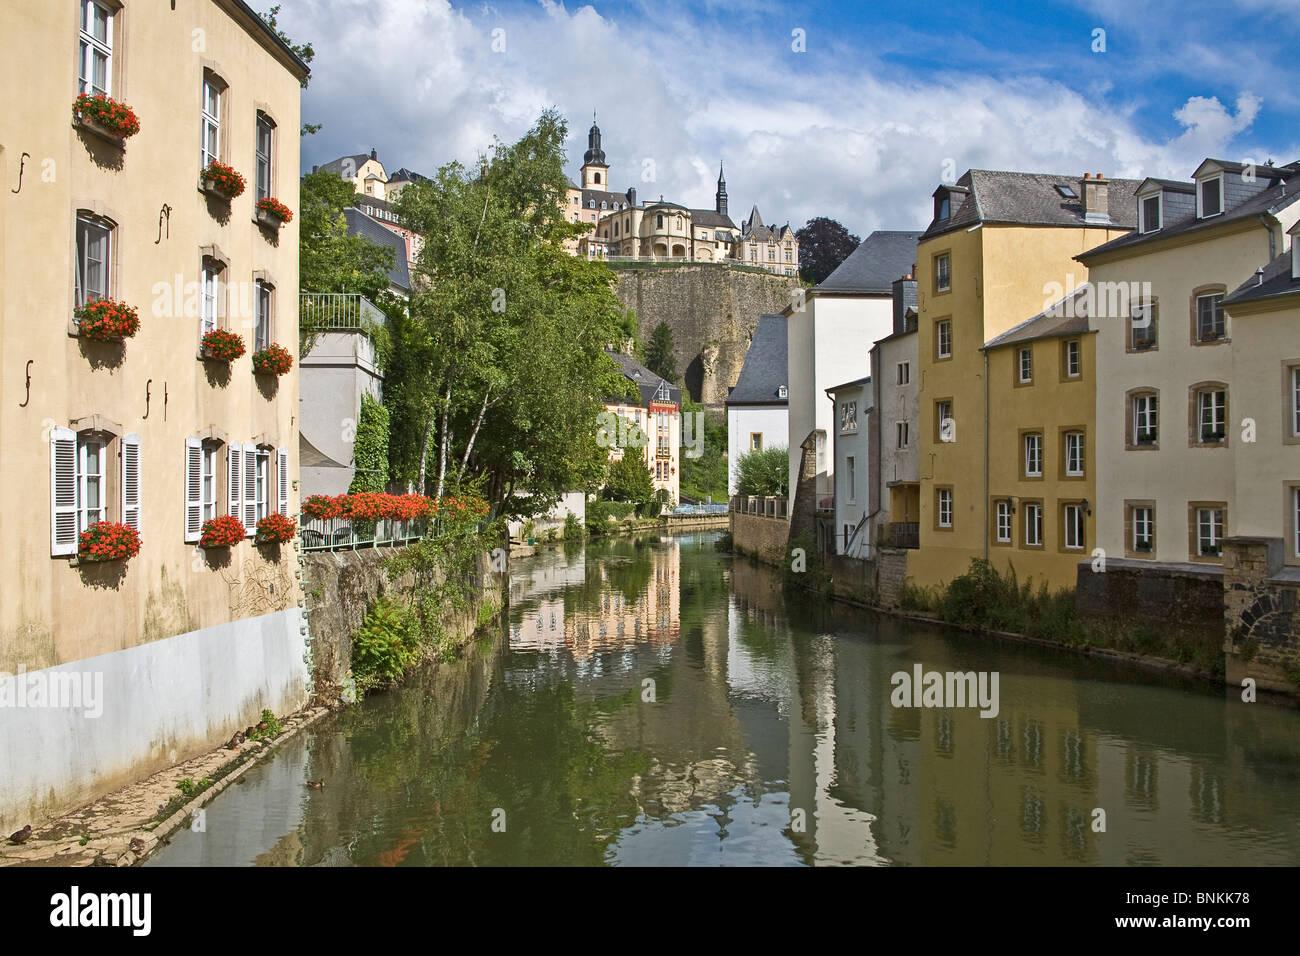 Luxemburg. Blick vom Fluss Alzette Juli 2OO8 Stockbild